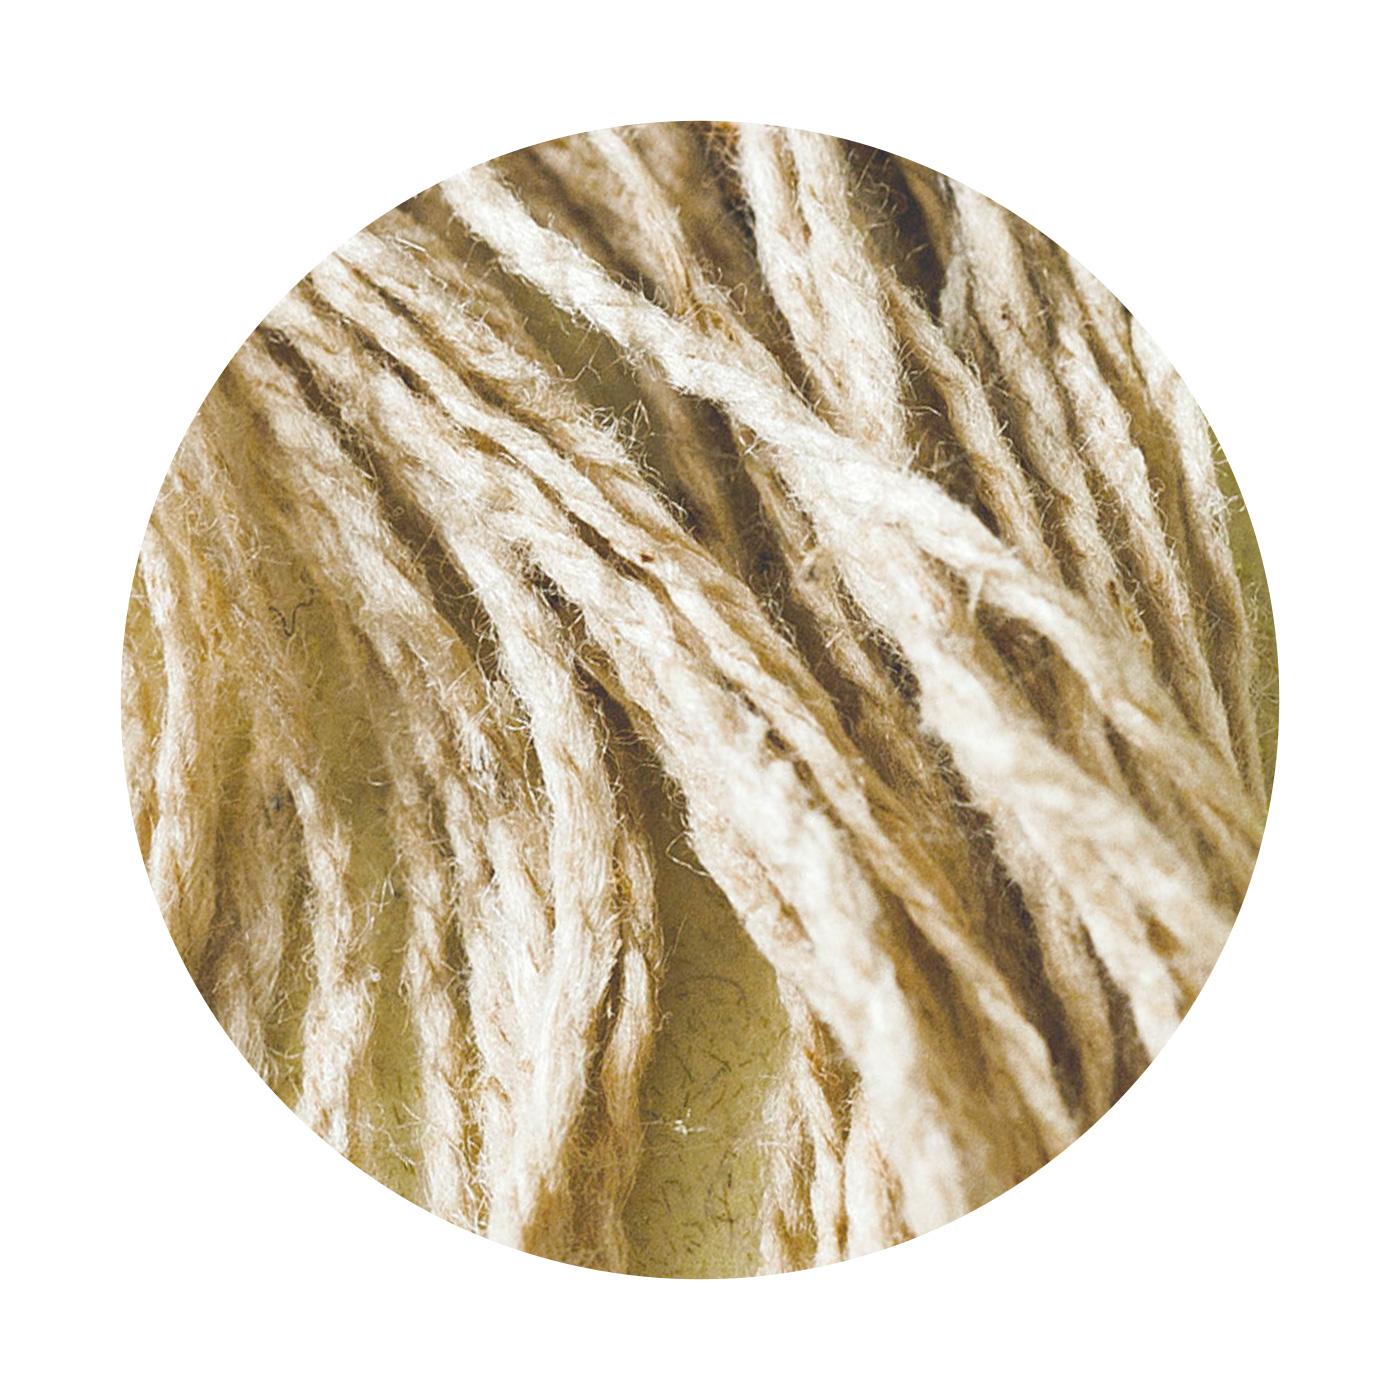 シルク紬糸(ちゅうし)100%。ぽこぽこしたネップがあり、ふっくらとやわらかな肌心地。